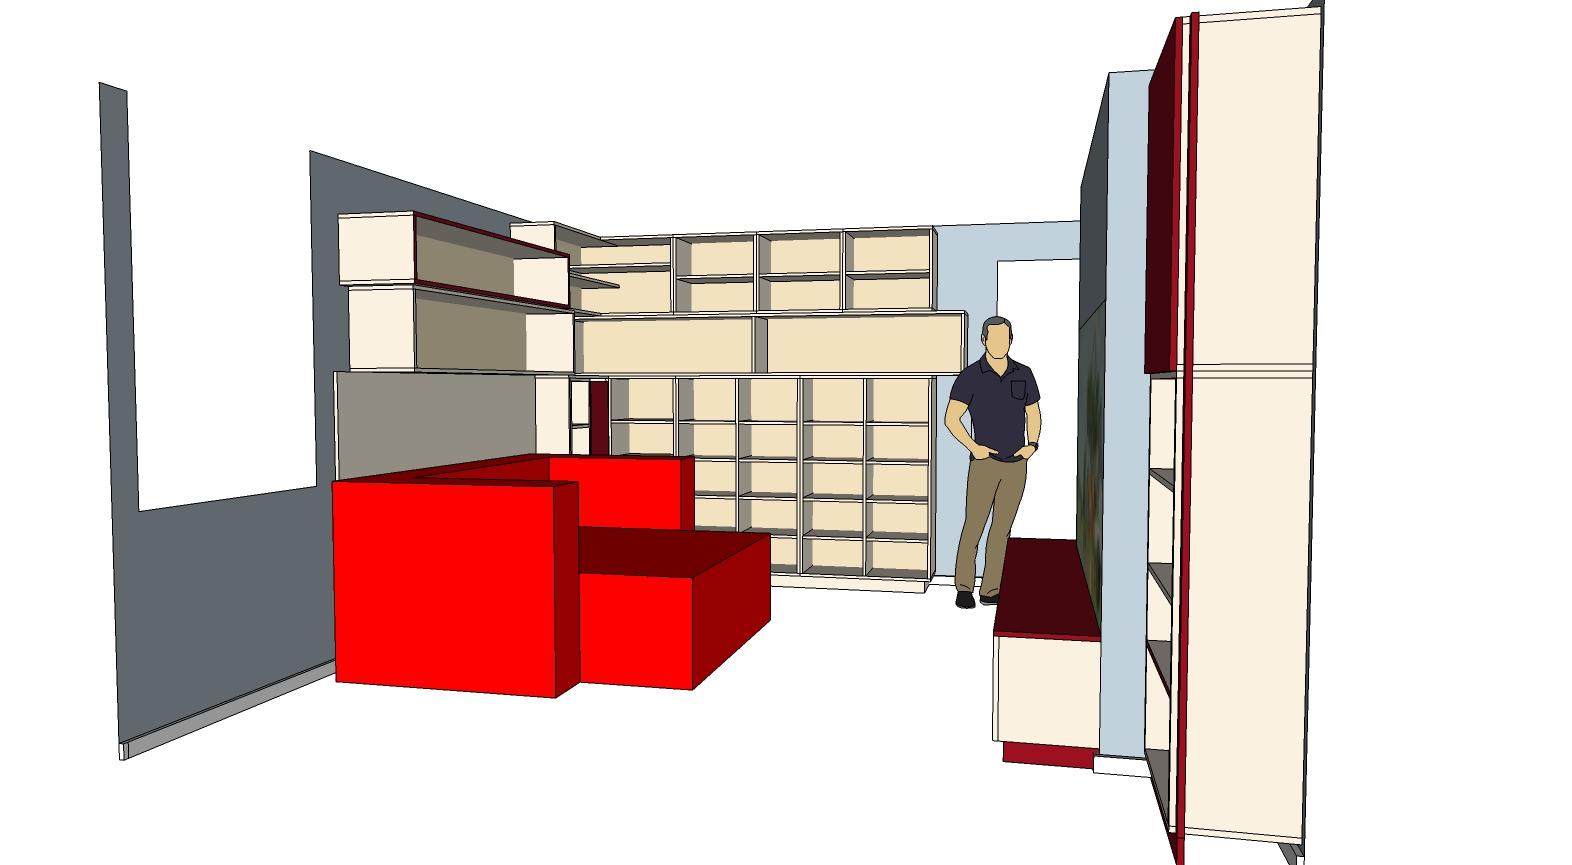 modélisation 3D d'une bibliothèque